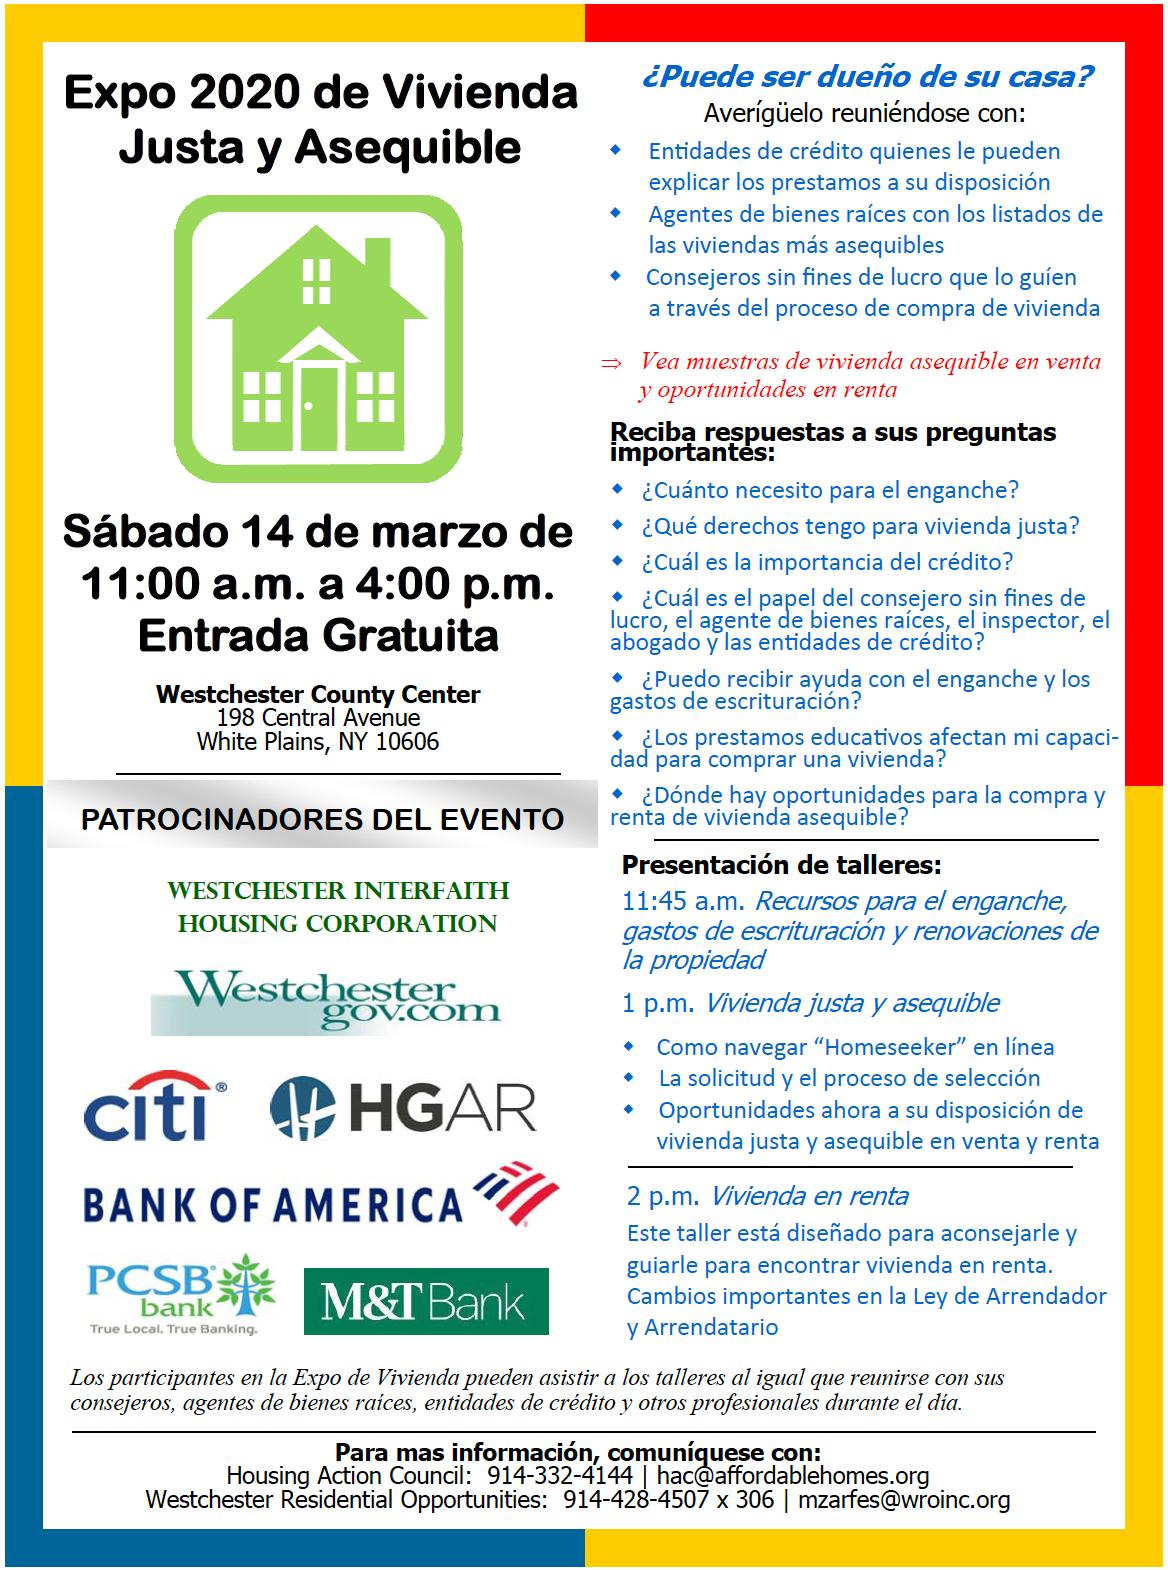 Housing Action Council - Expo 2020 de Vivienda Justa y Asequible